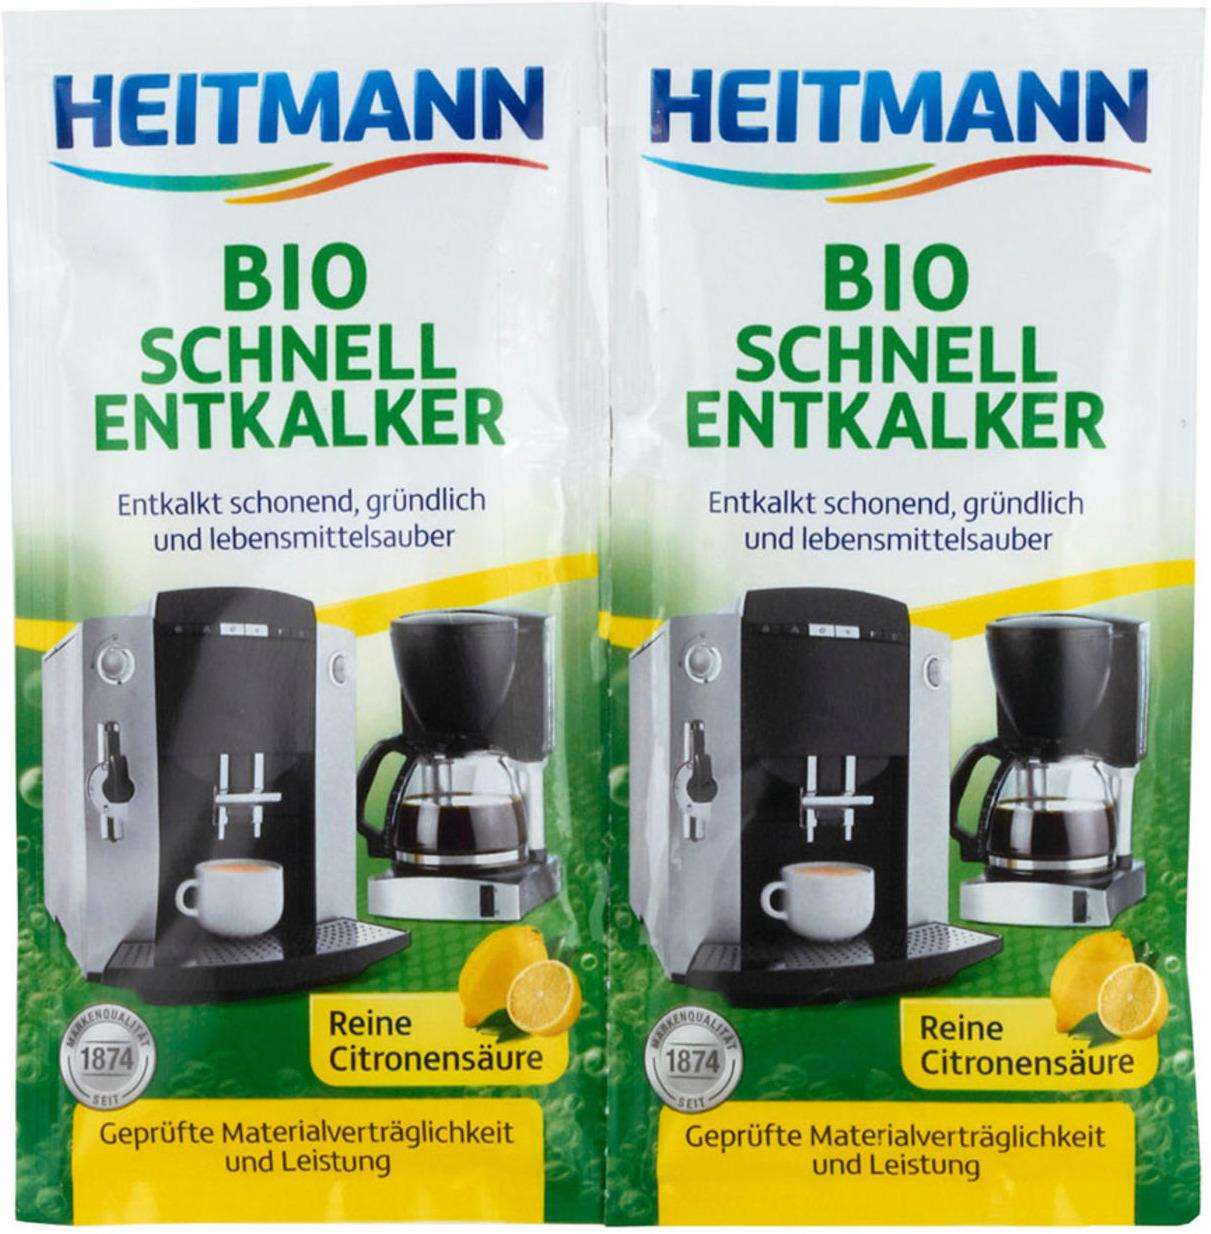 Специальное чистящее средство Heitmann Экспресс Био, очиститель накипи, 3362, 25 г х 2 шт